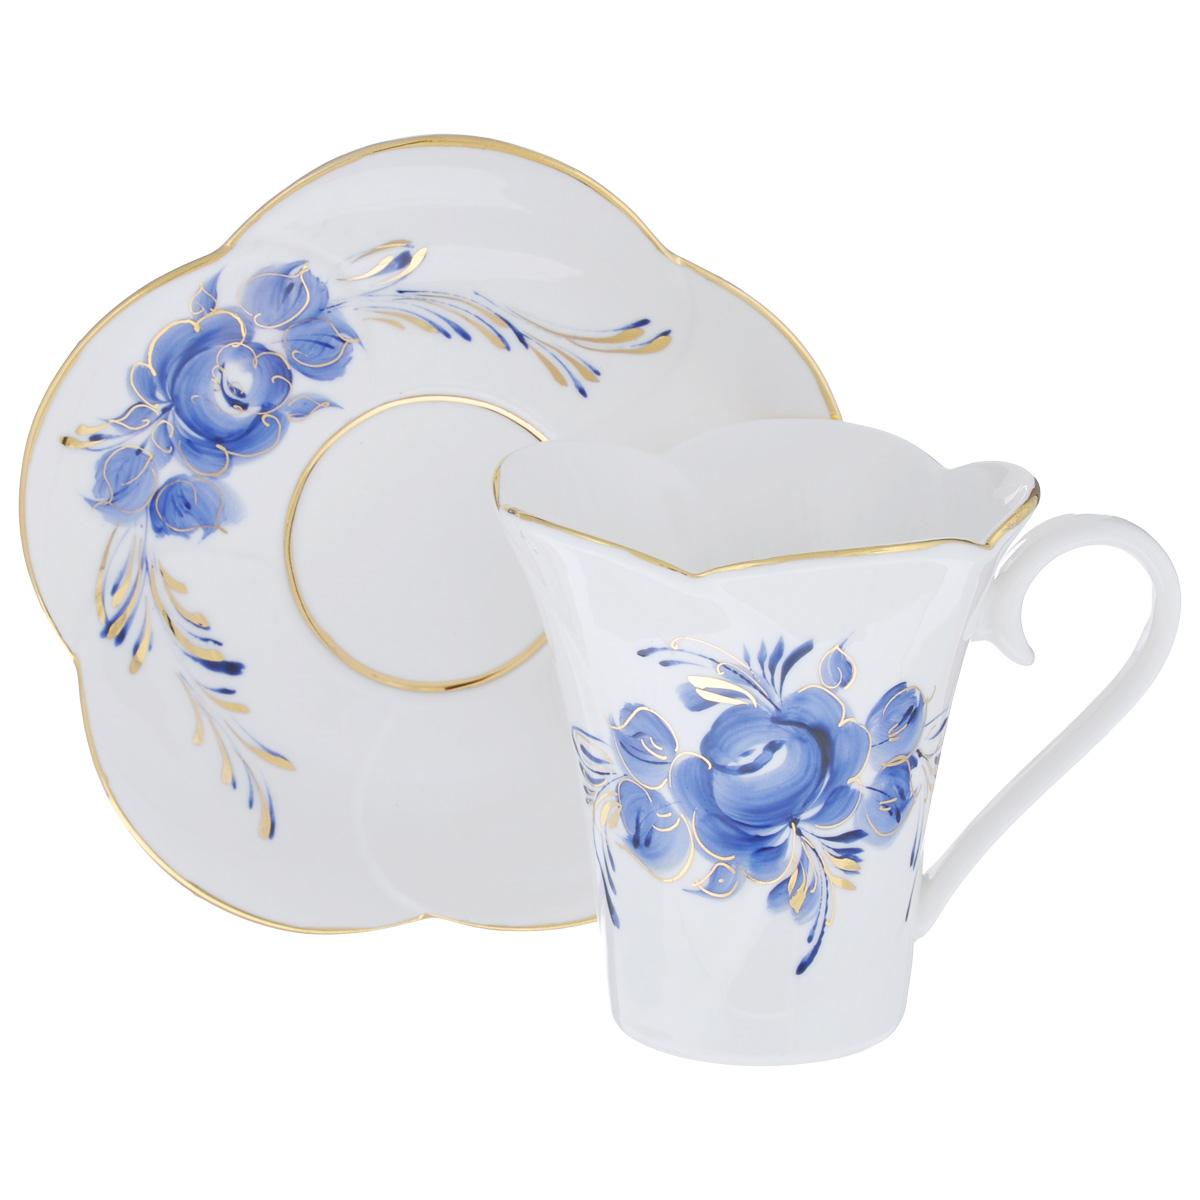 Чайная пара Пион, цвет: белый, синий, золотой, 2 предмета. 99516151094672Чайная пара Пион состоит из чашки и блюдца, изготовленных из фарфора белого цвета, и расписаны вручную. Яркий дизайн, несомненно, придется вам по вкусу.Чайная пара Пион украсит ваш кухонный стол, а также станет замечательным подарком к любому празднику.Не применять абразивные чистящие средства. Не использовать в микроволновой печи. Мыть с применением нейтральных моющих средств. Не рекомендуется использовать в посудомоечных машинах.Объем чашки: 200 мл.Диаметр чашки по верхнему краю: 8,5 см.Диаметр основания: 4,5 см.Высота чашки: 9 см.Диаметр блюдца: 14 см.